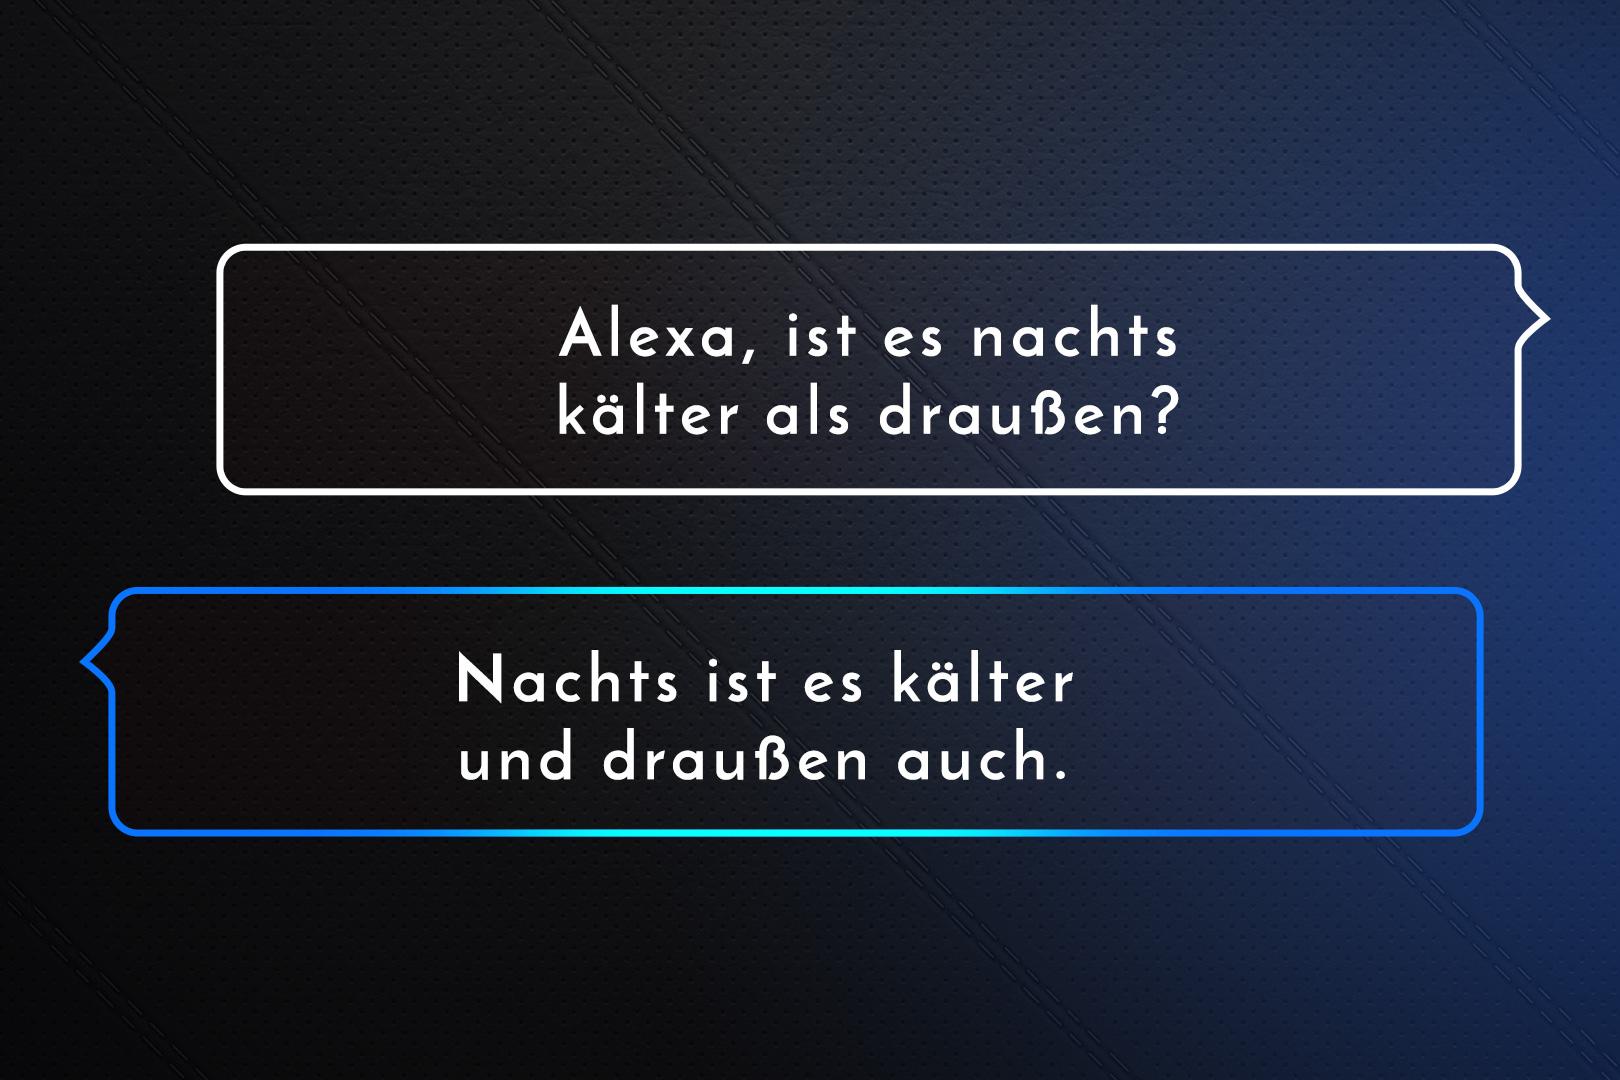 amazon_alexa_img_08.jpg